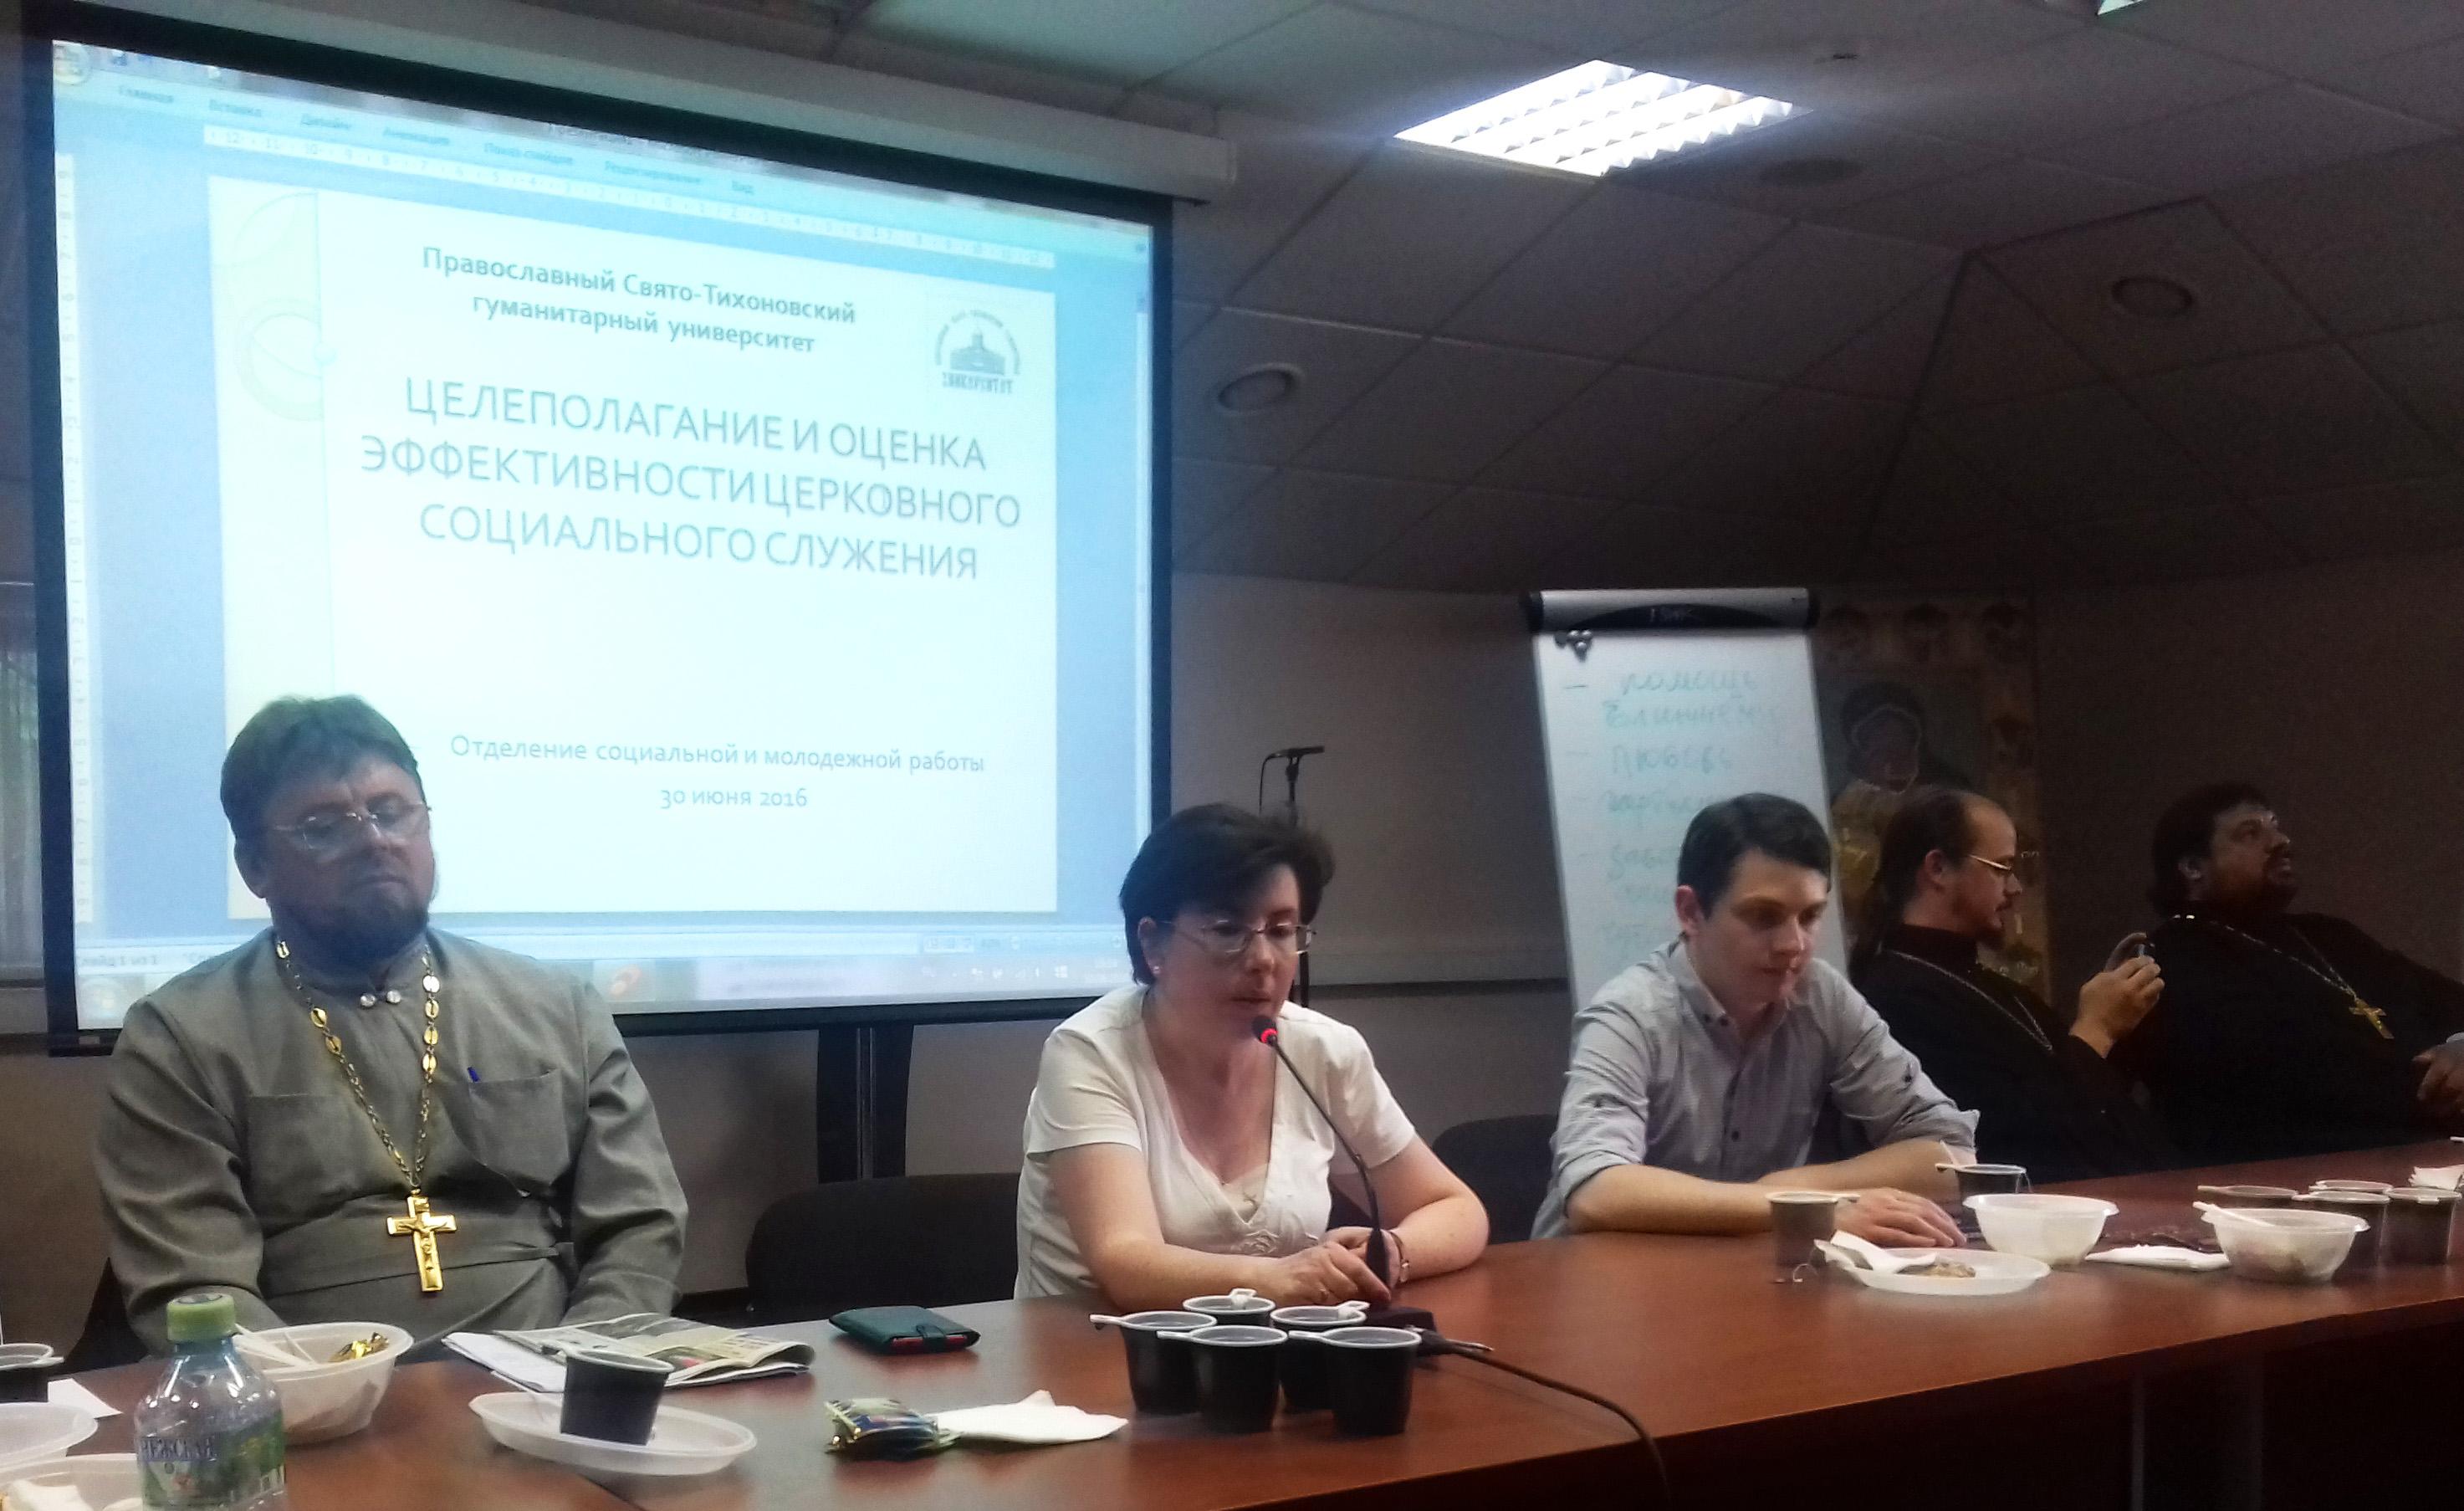 В ПСТГУ обсудили проблему оценки эффективности церковной социальной деятельности